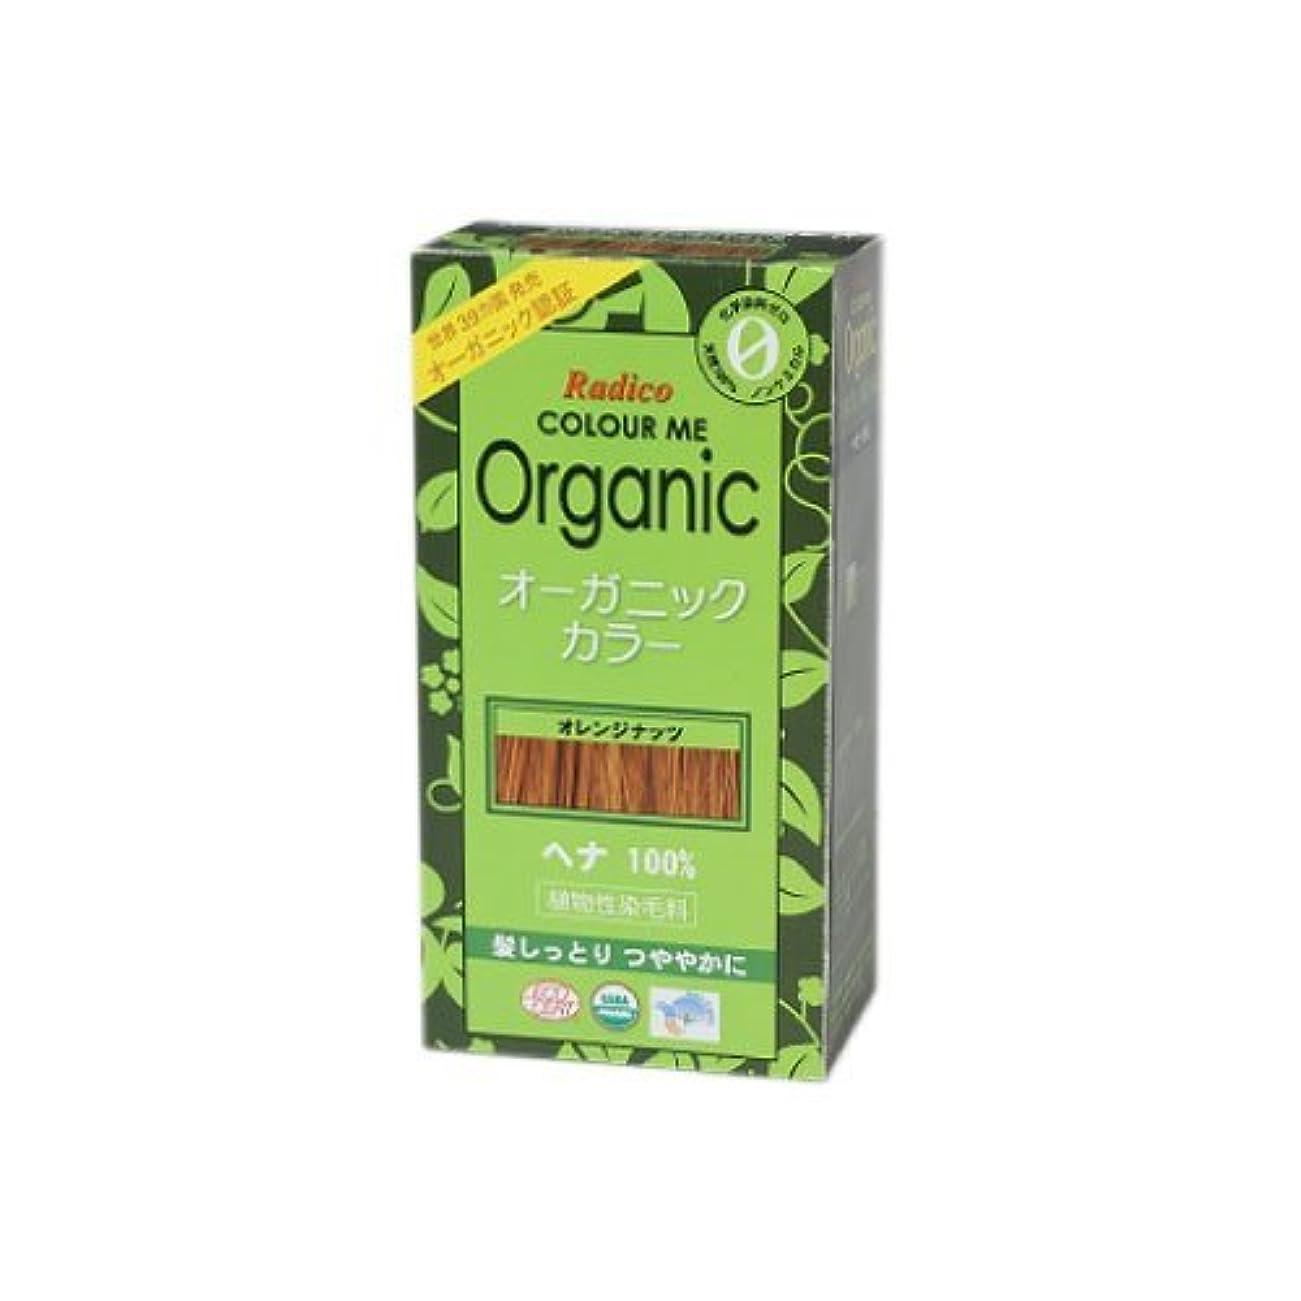 簡潔な友だち証言COLOURME Organic (カラーミーオーガニック ヘナ 白髪用) オレンジナッツ 100g